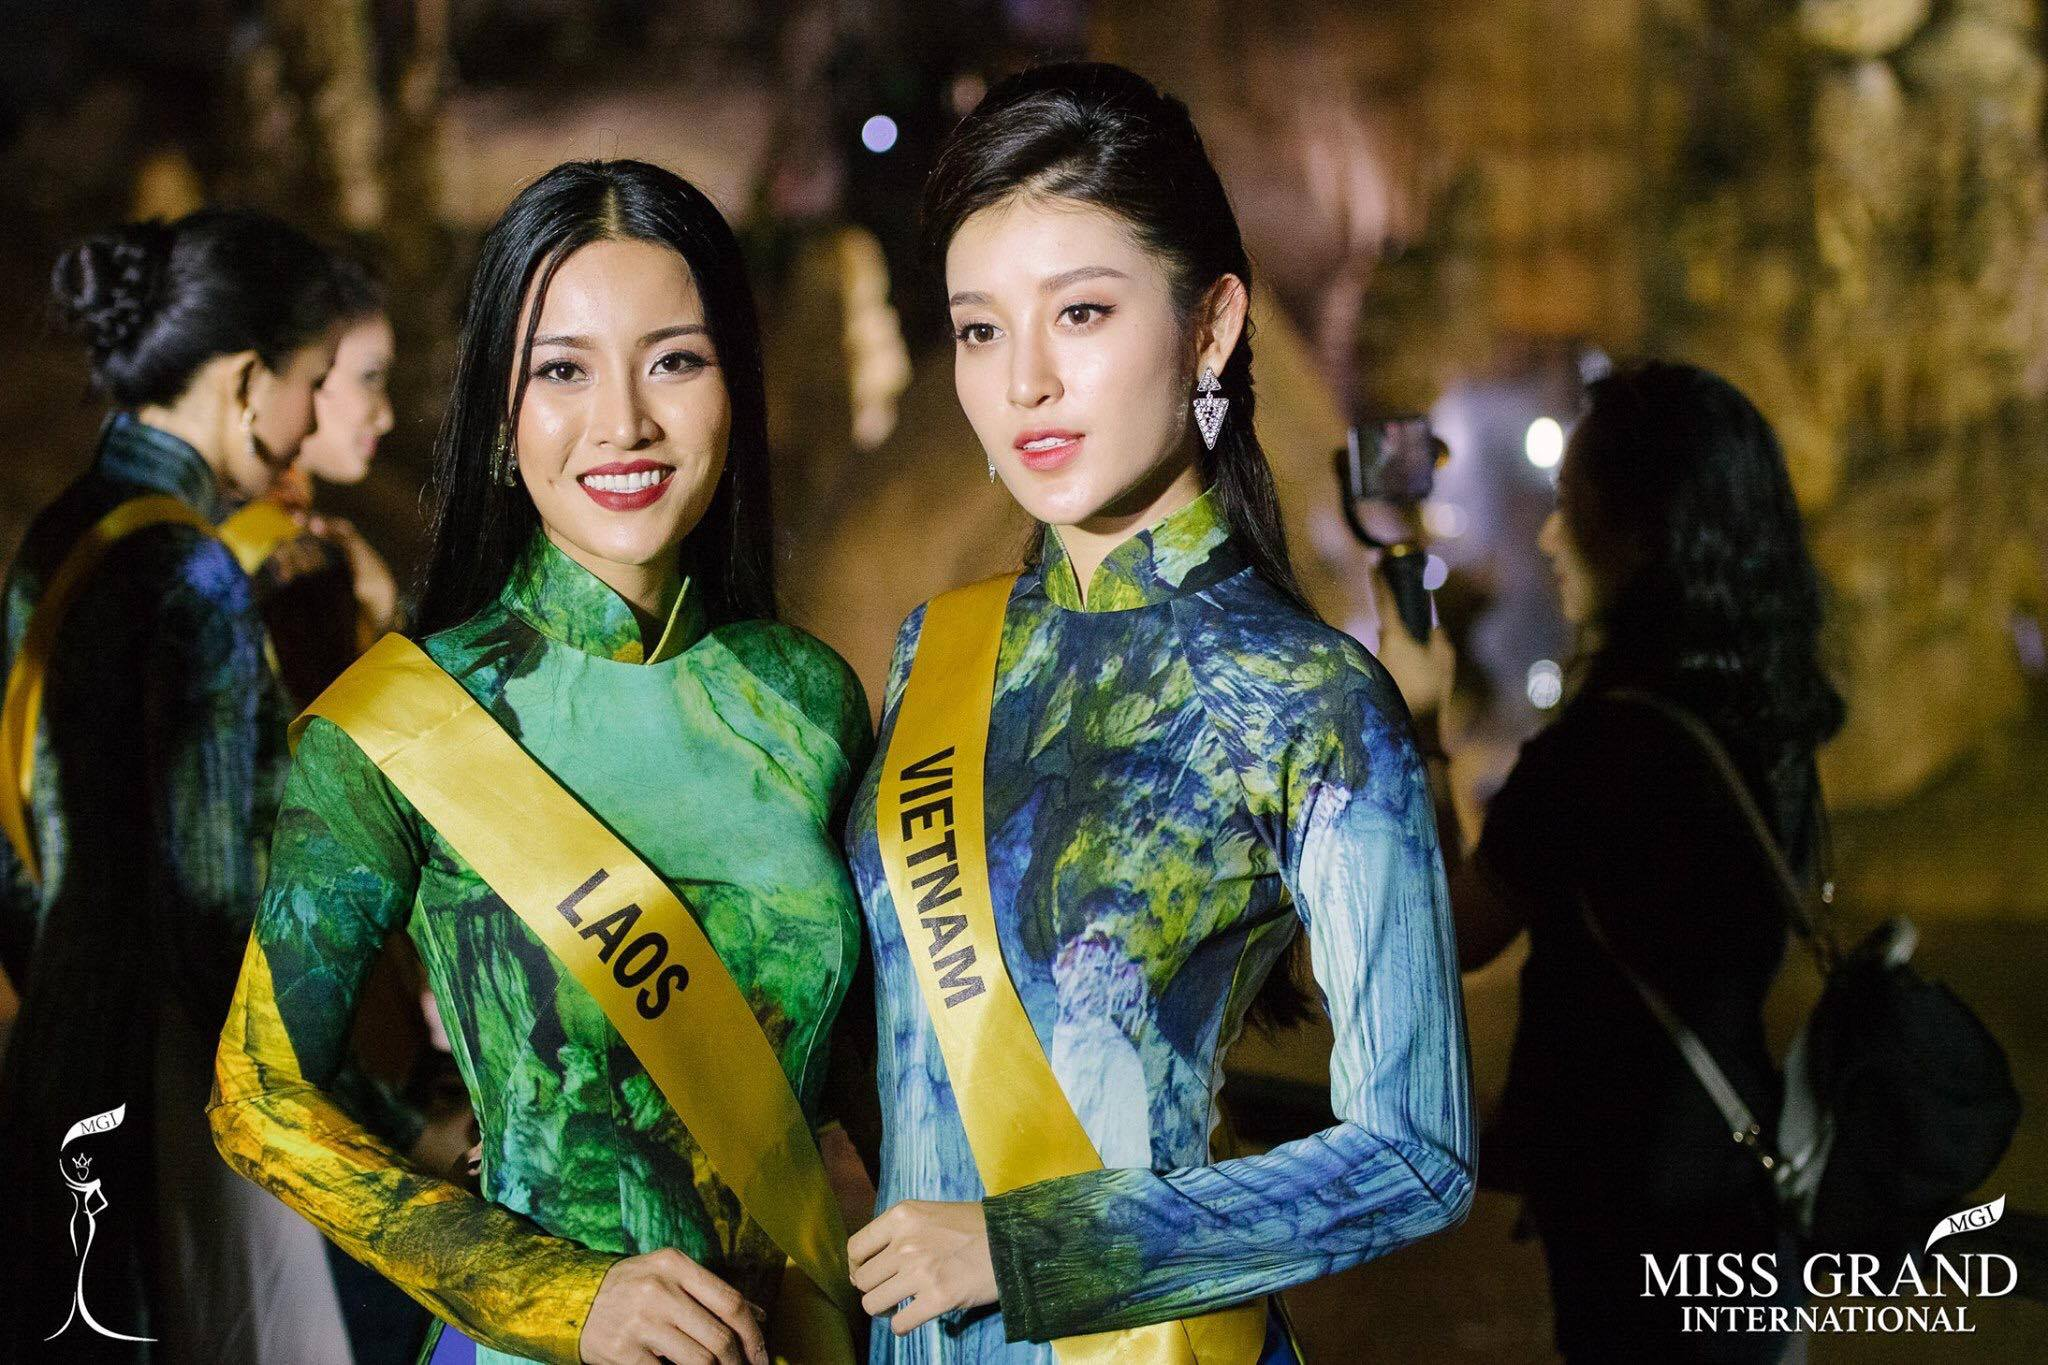 Huyền My xinh đẹp đọ sắc cùng các thí sinh Miss Grand International tại động Thiên Đường - Ảnh 8.